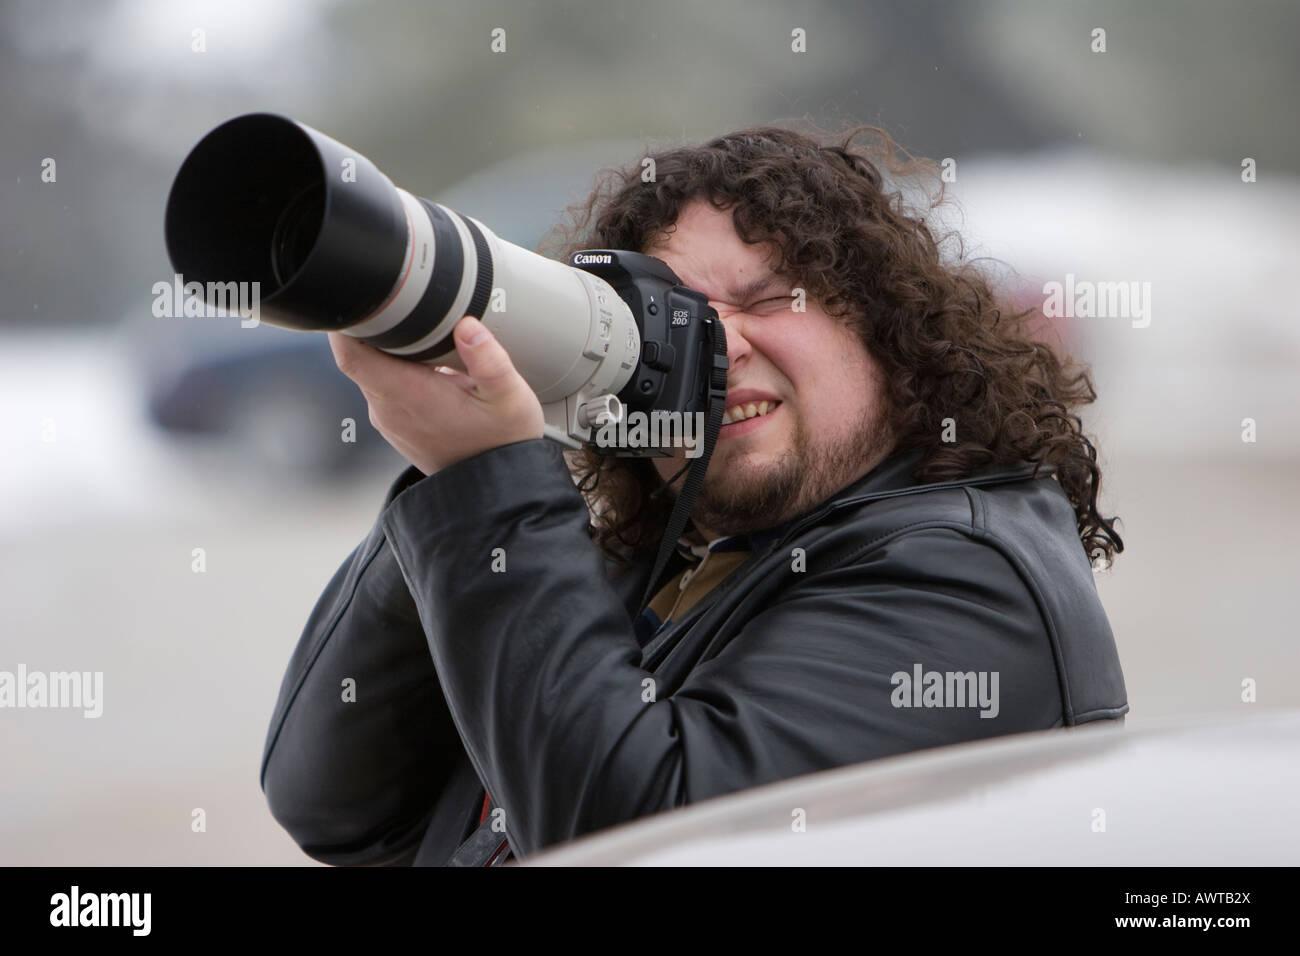 Un uomo con un lungo un teleobiettivo Canon 100 400 Immagini Stock